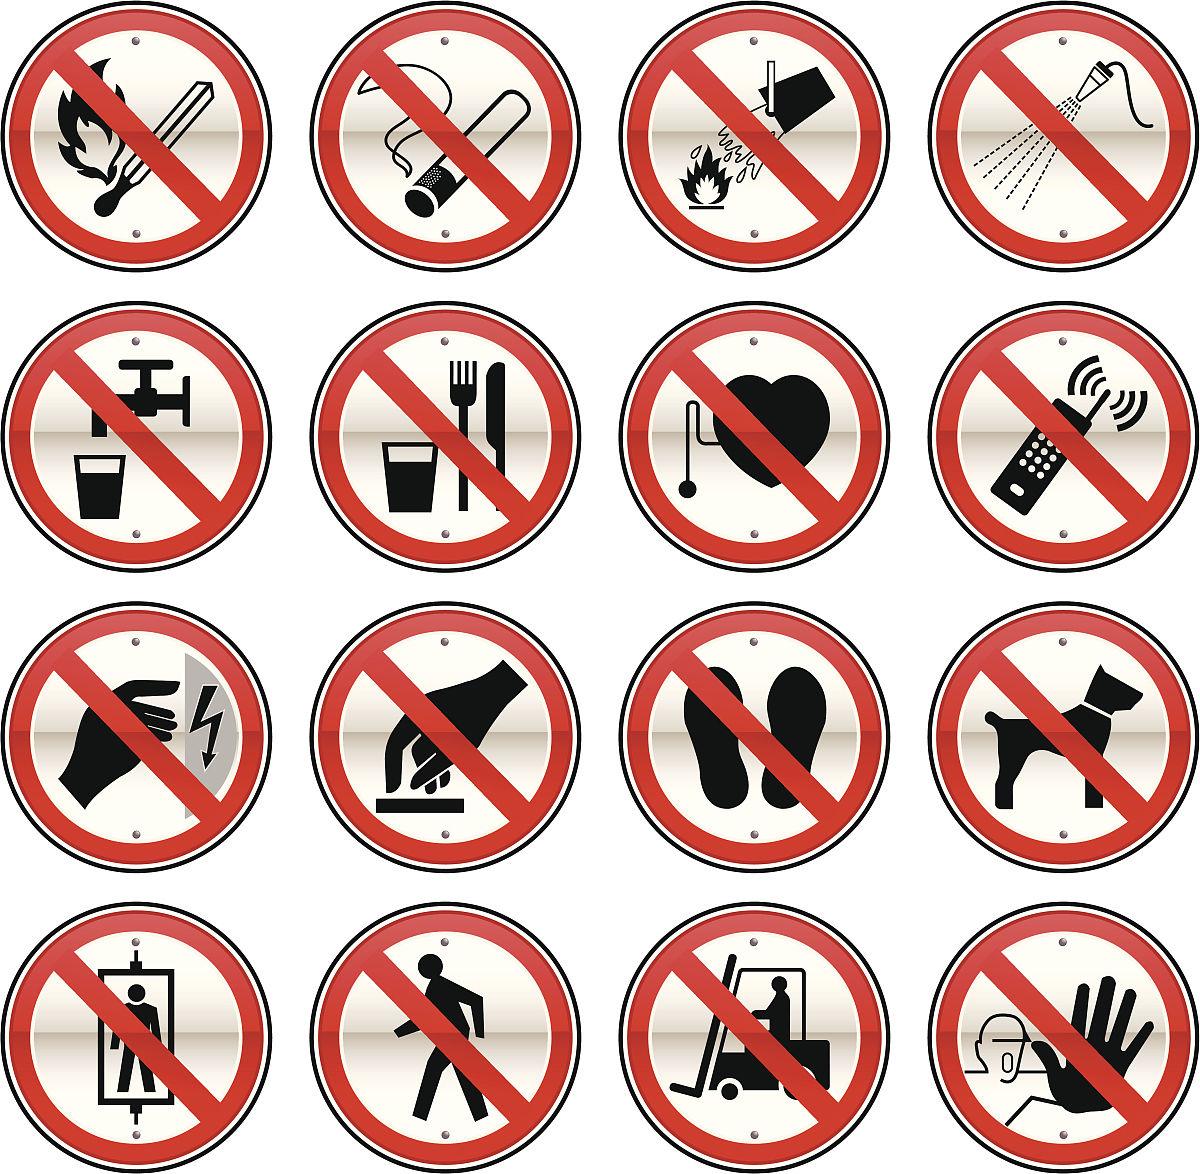 按键区,概念,权威,安全的,设备用品,人造物,排除,饮料,食品,危险图片